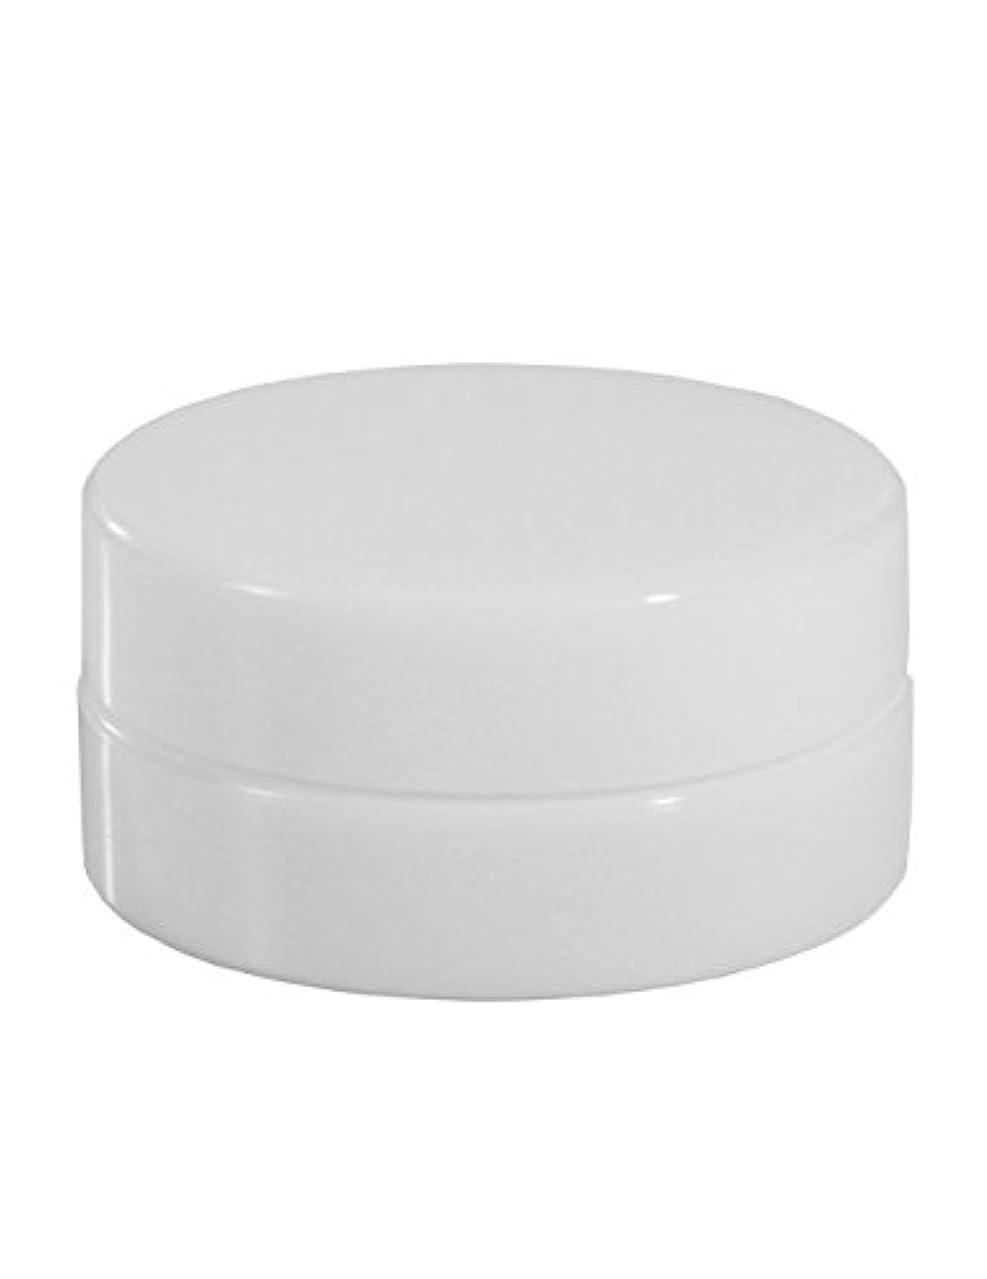 解釈欲求不満教育クリーム用容器 3ml (100個セット) 【化粧品容器】